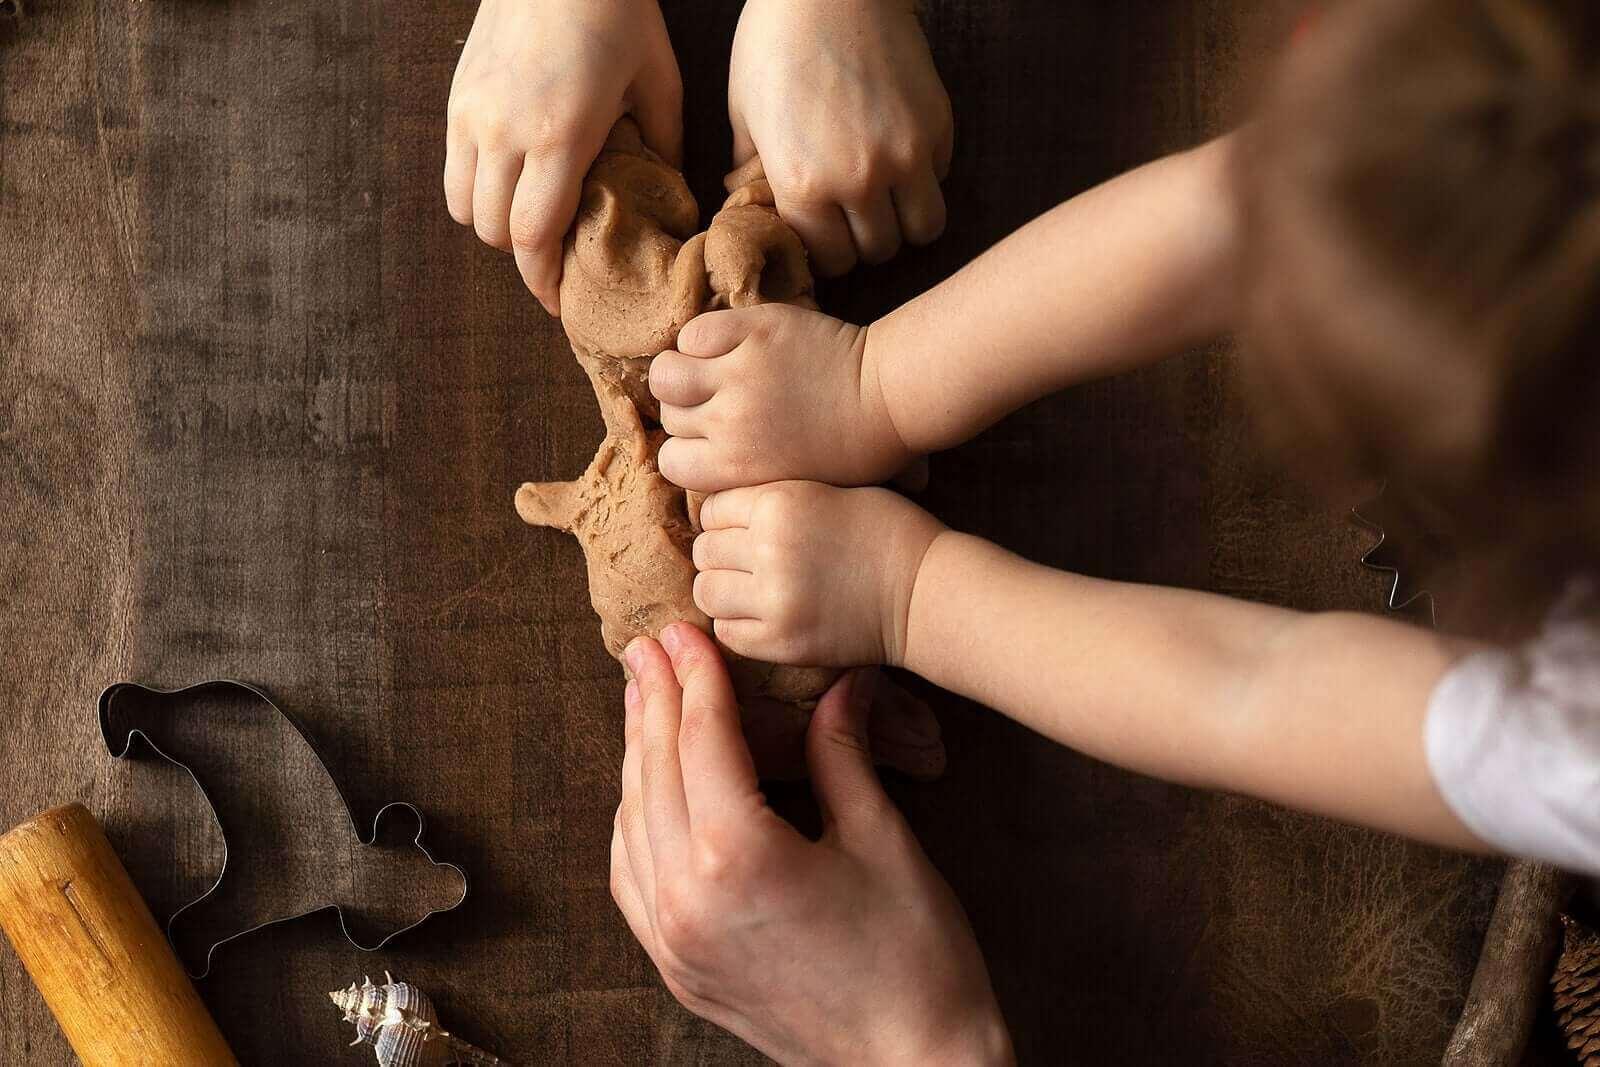 Savella leikkiminen on hauskaa ja stimuloivaa puuhaa lapselle